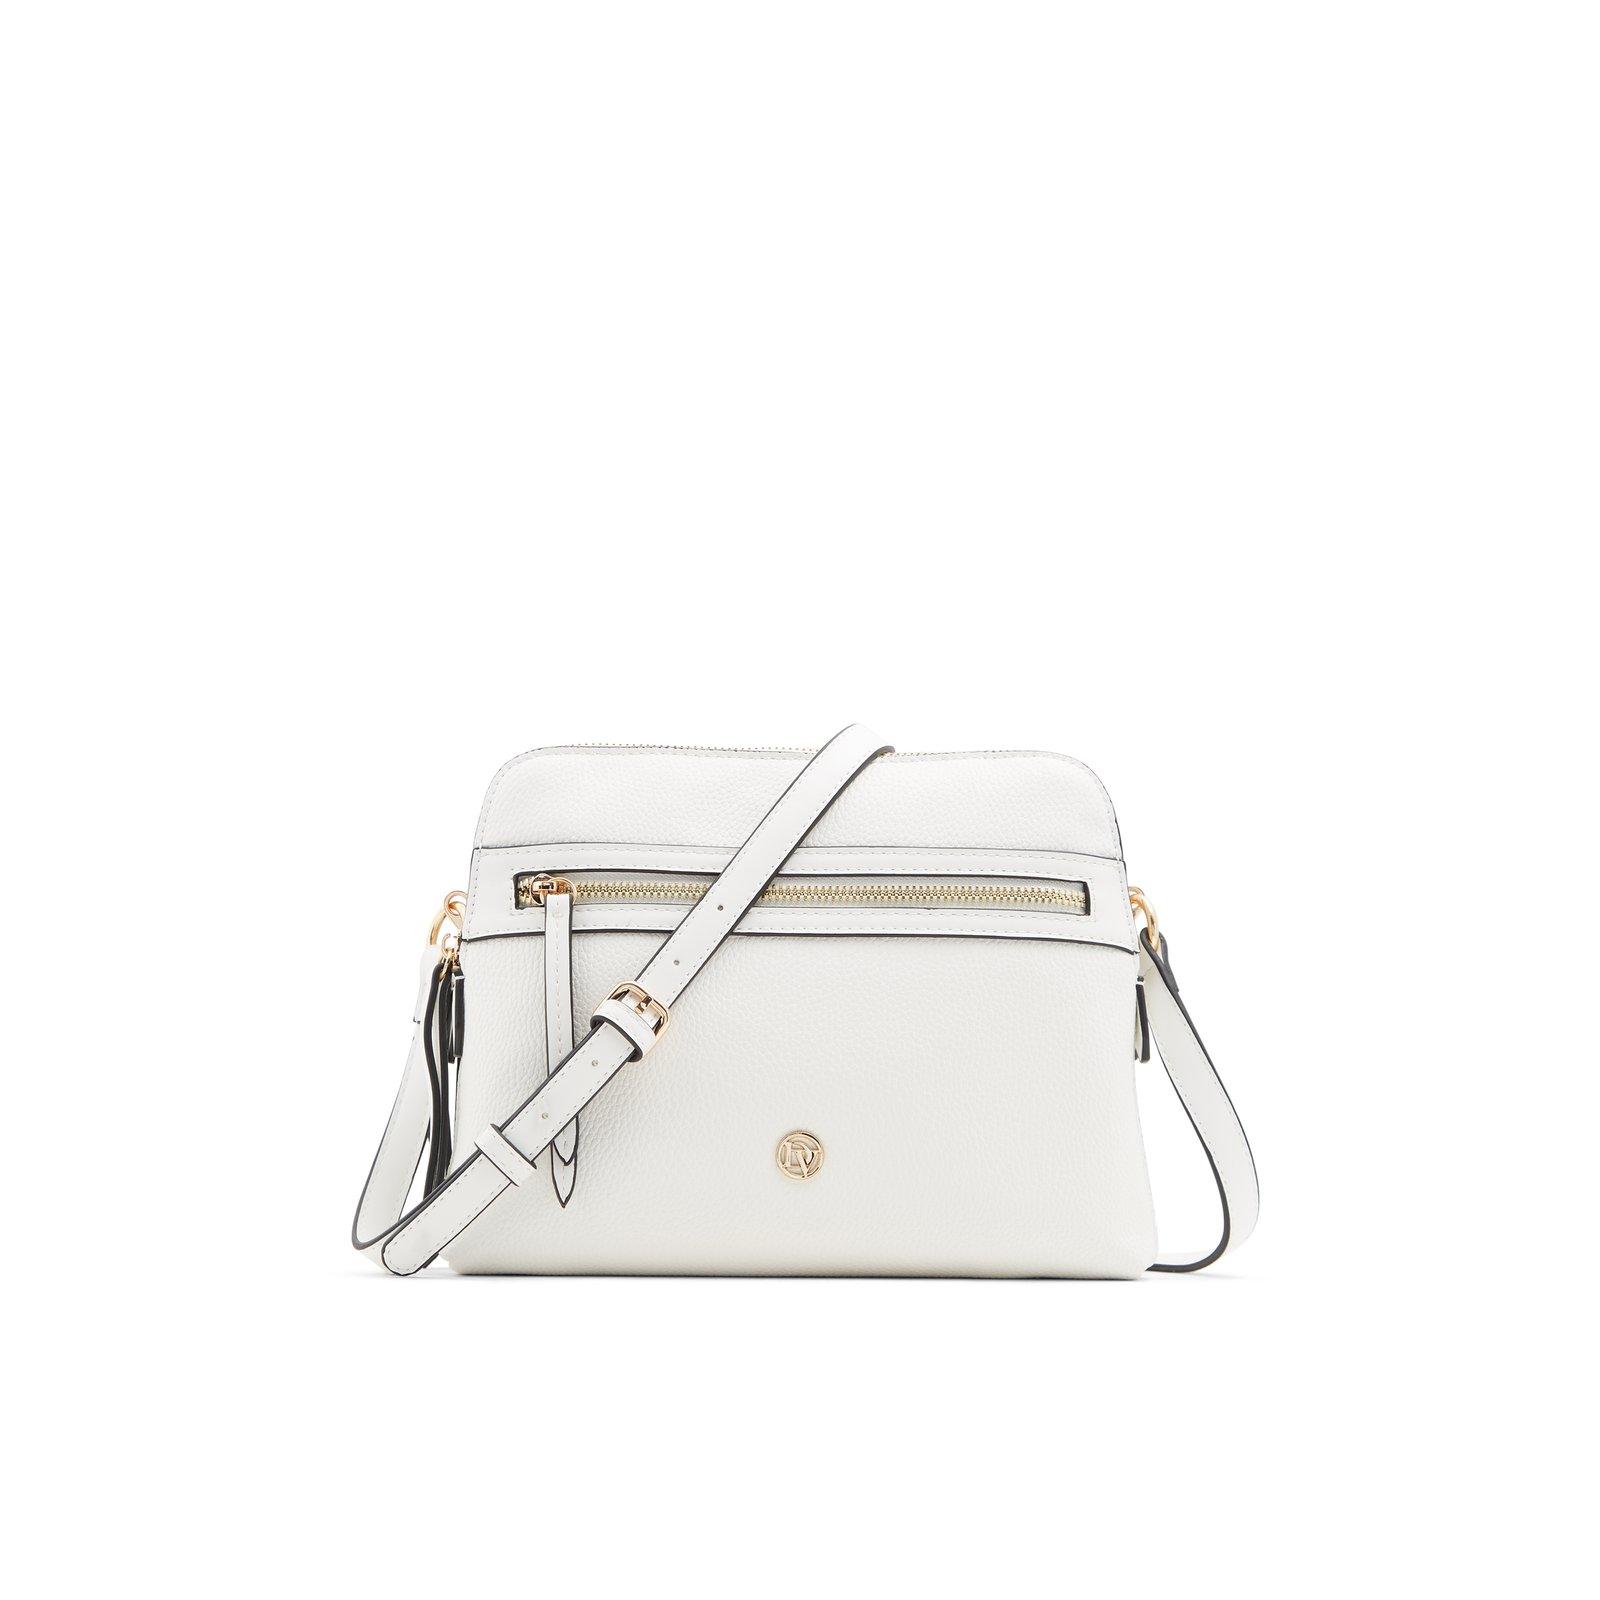 LA Diva Steklova - Women's Handbags - White photo